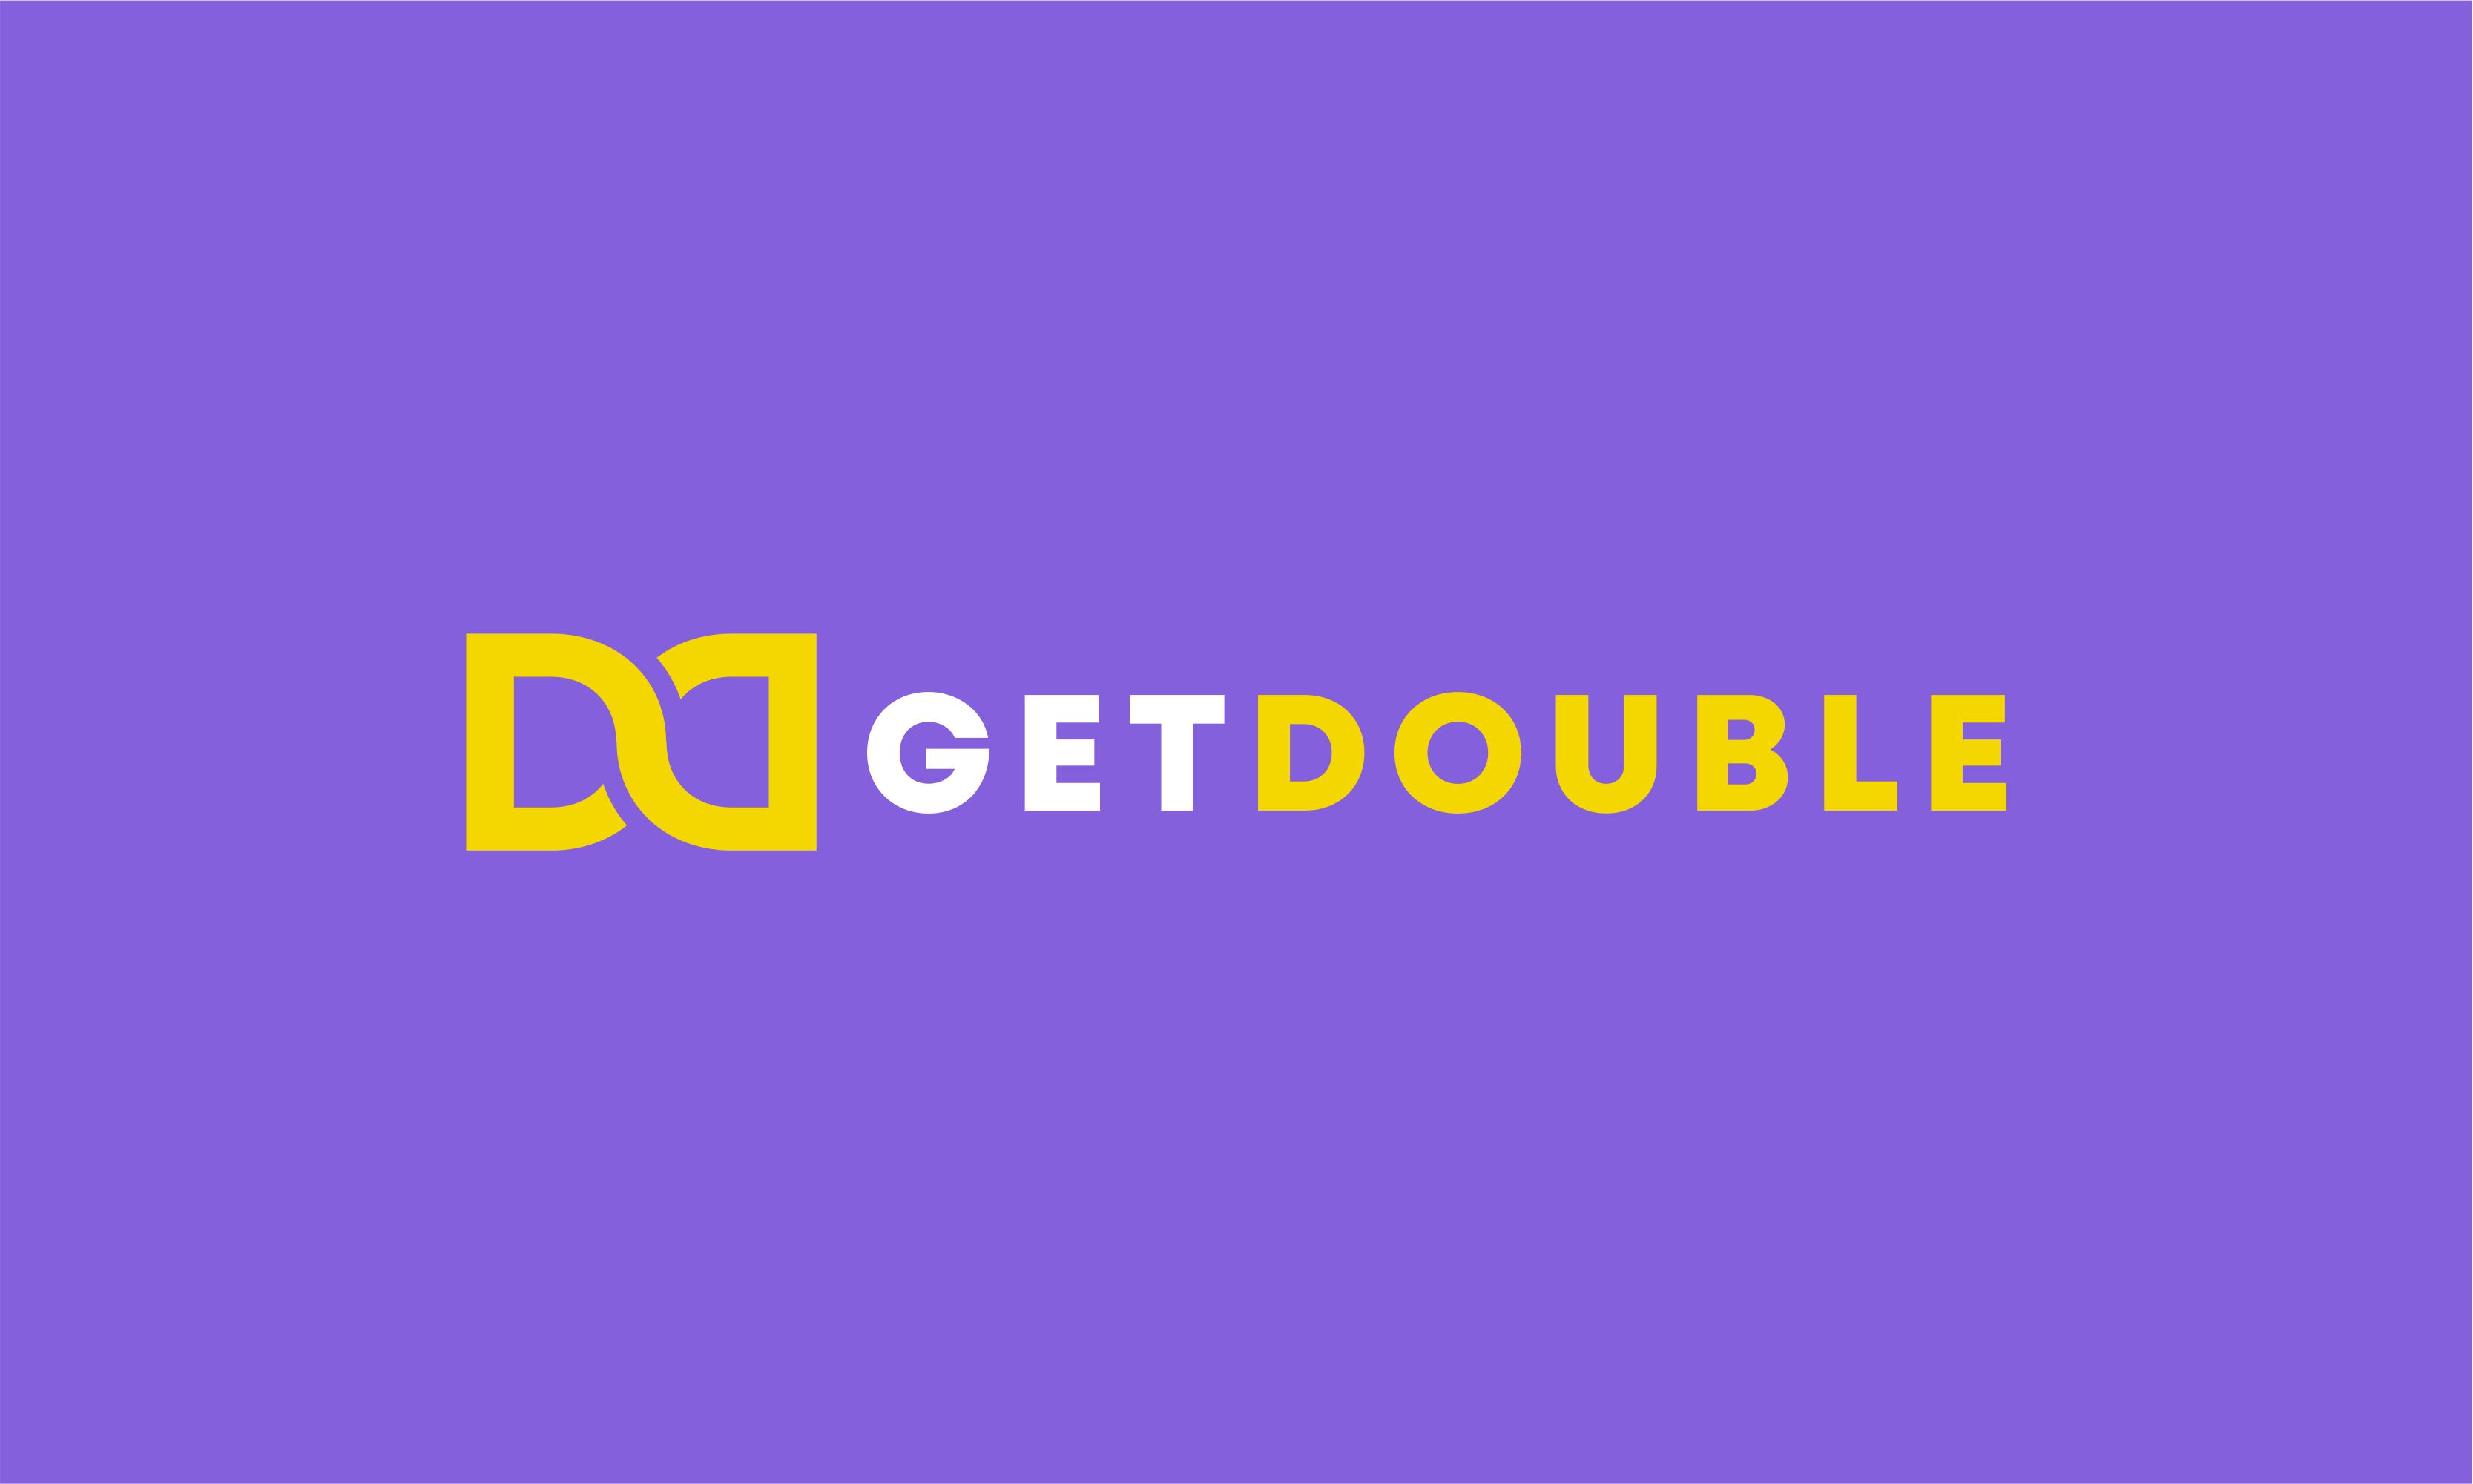 Getdouble